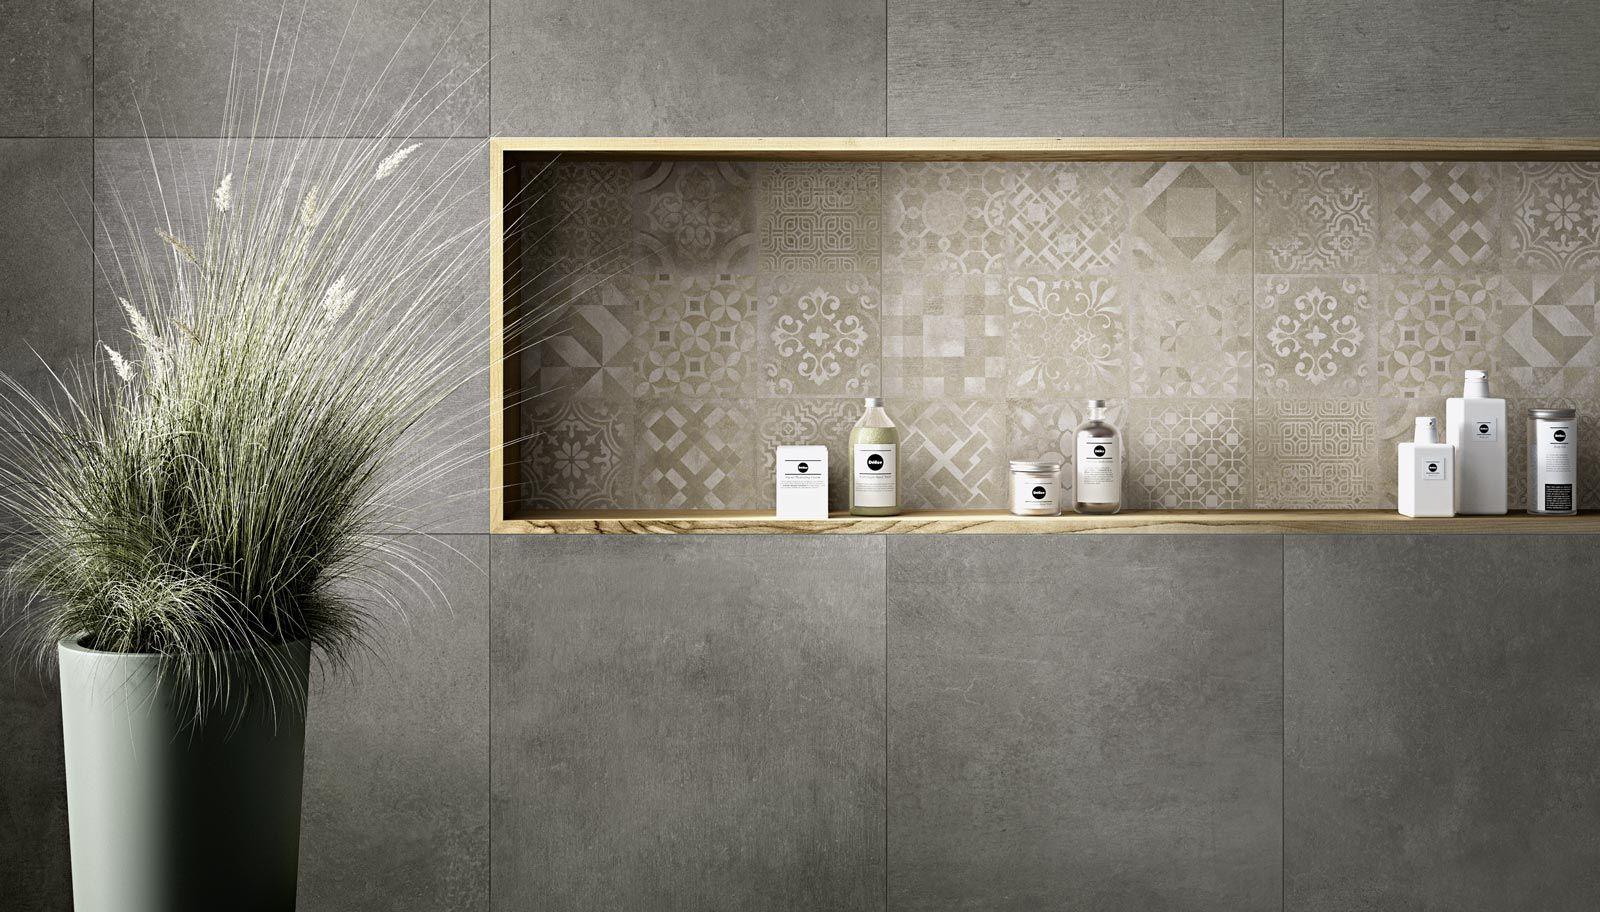 Collezione Studio Moderne Superfici In Cemento Ragno Grosse Badezimmer